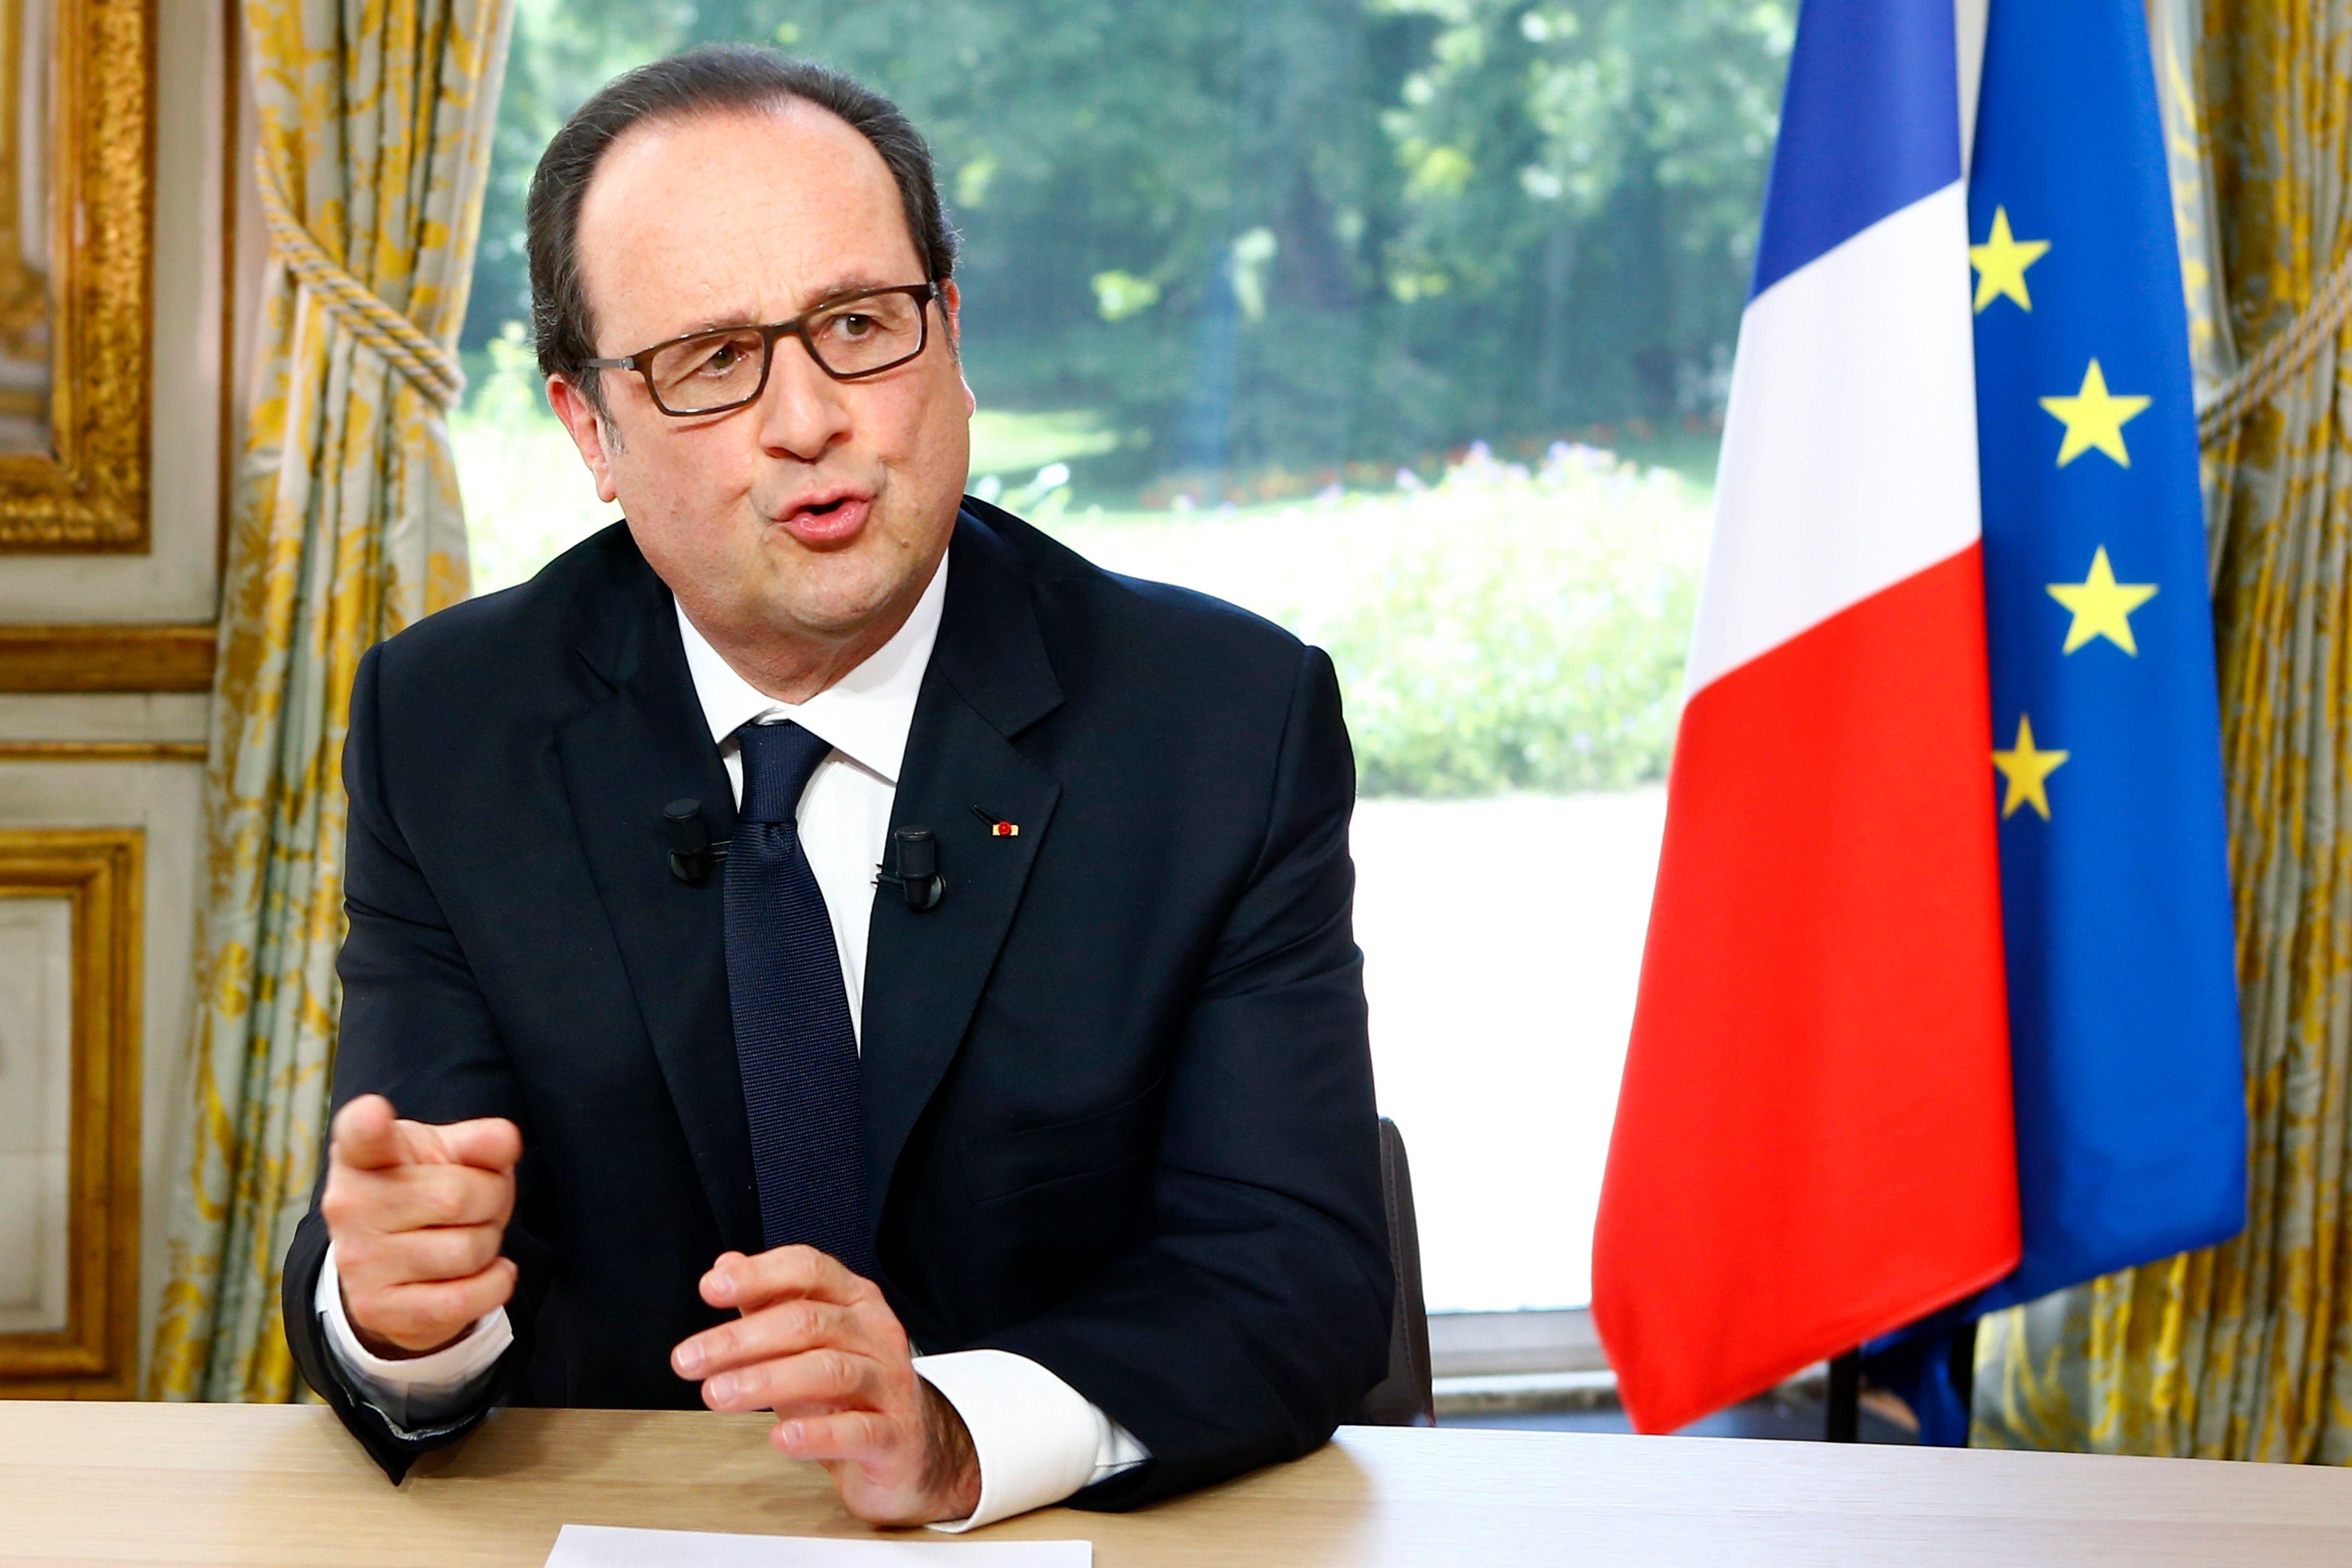 Président jusqu'au bout ? Quand 71% des Français pensent que François Hollande ne se préoccupe que de sa candidature, et non de la réponse aux défis auxquels la France doit faire face